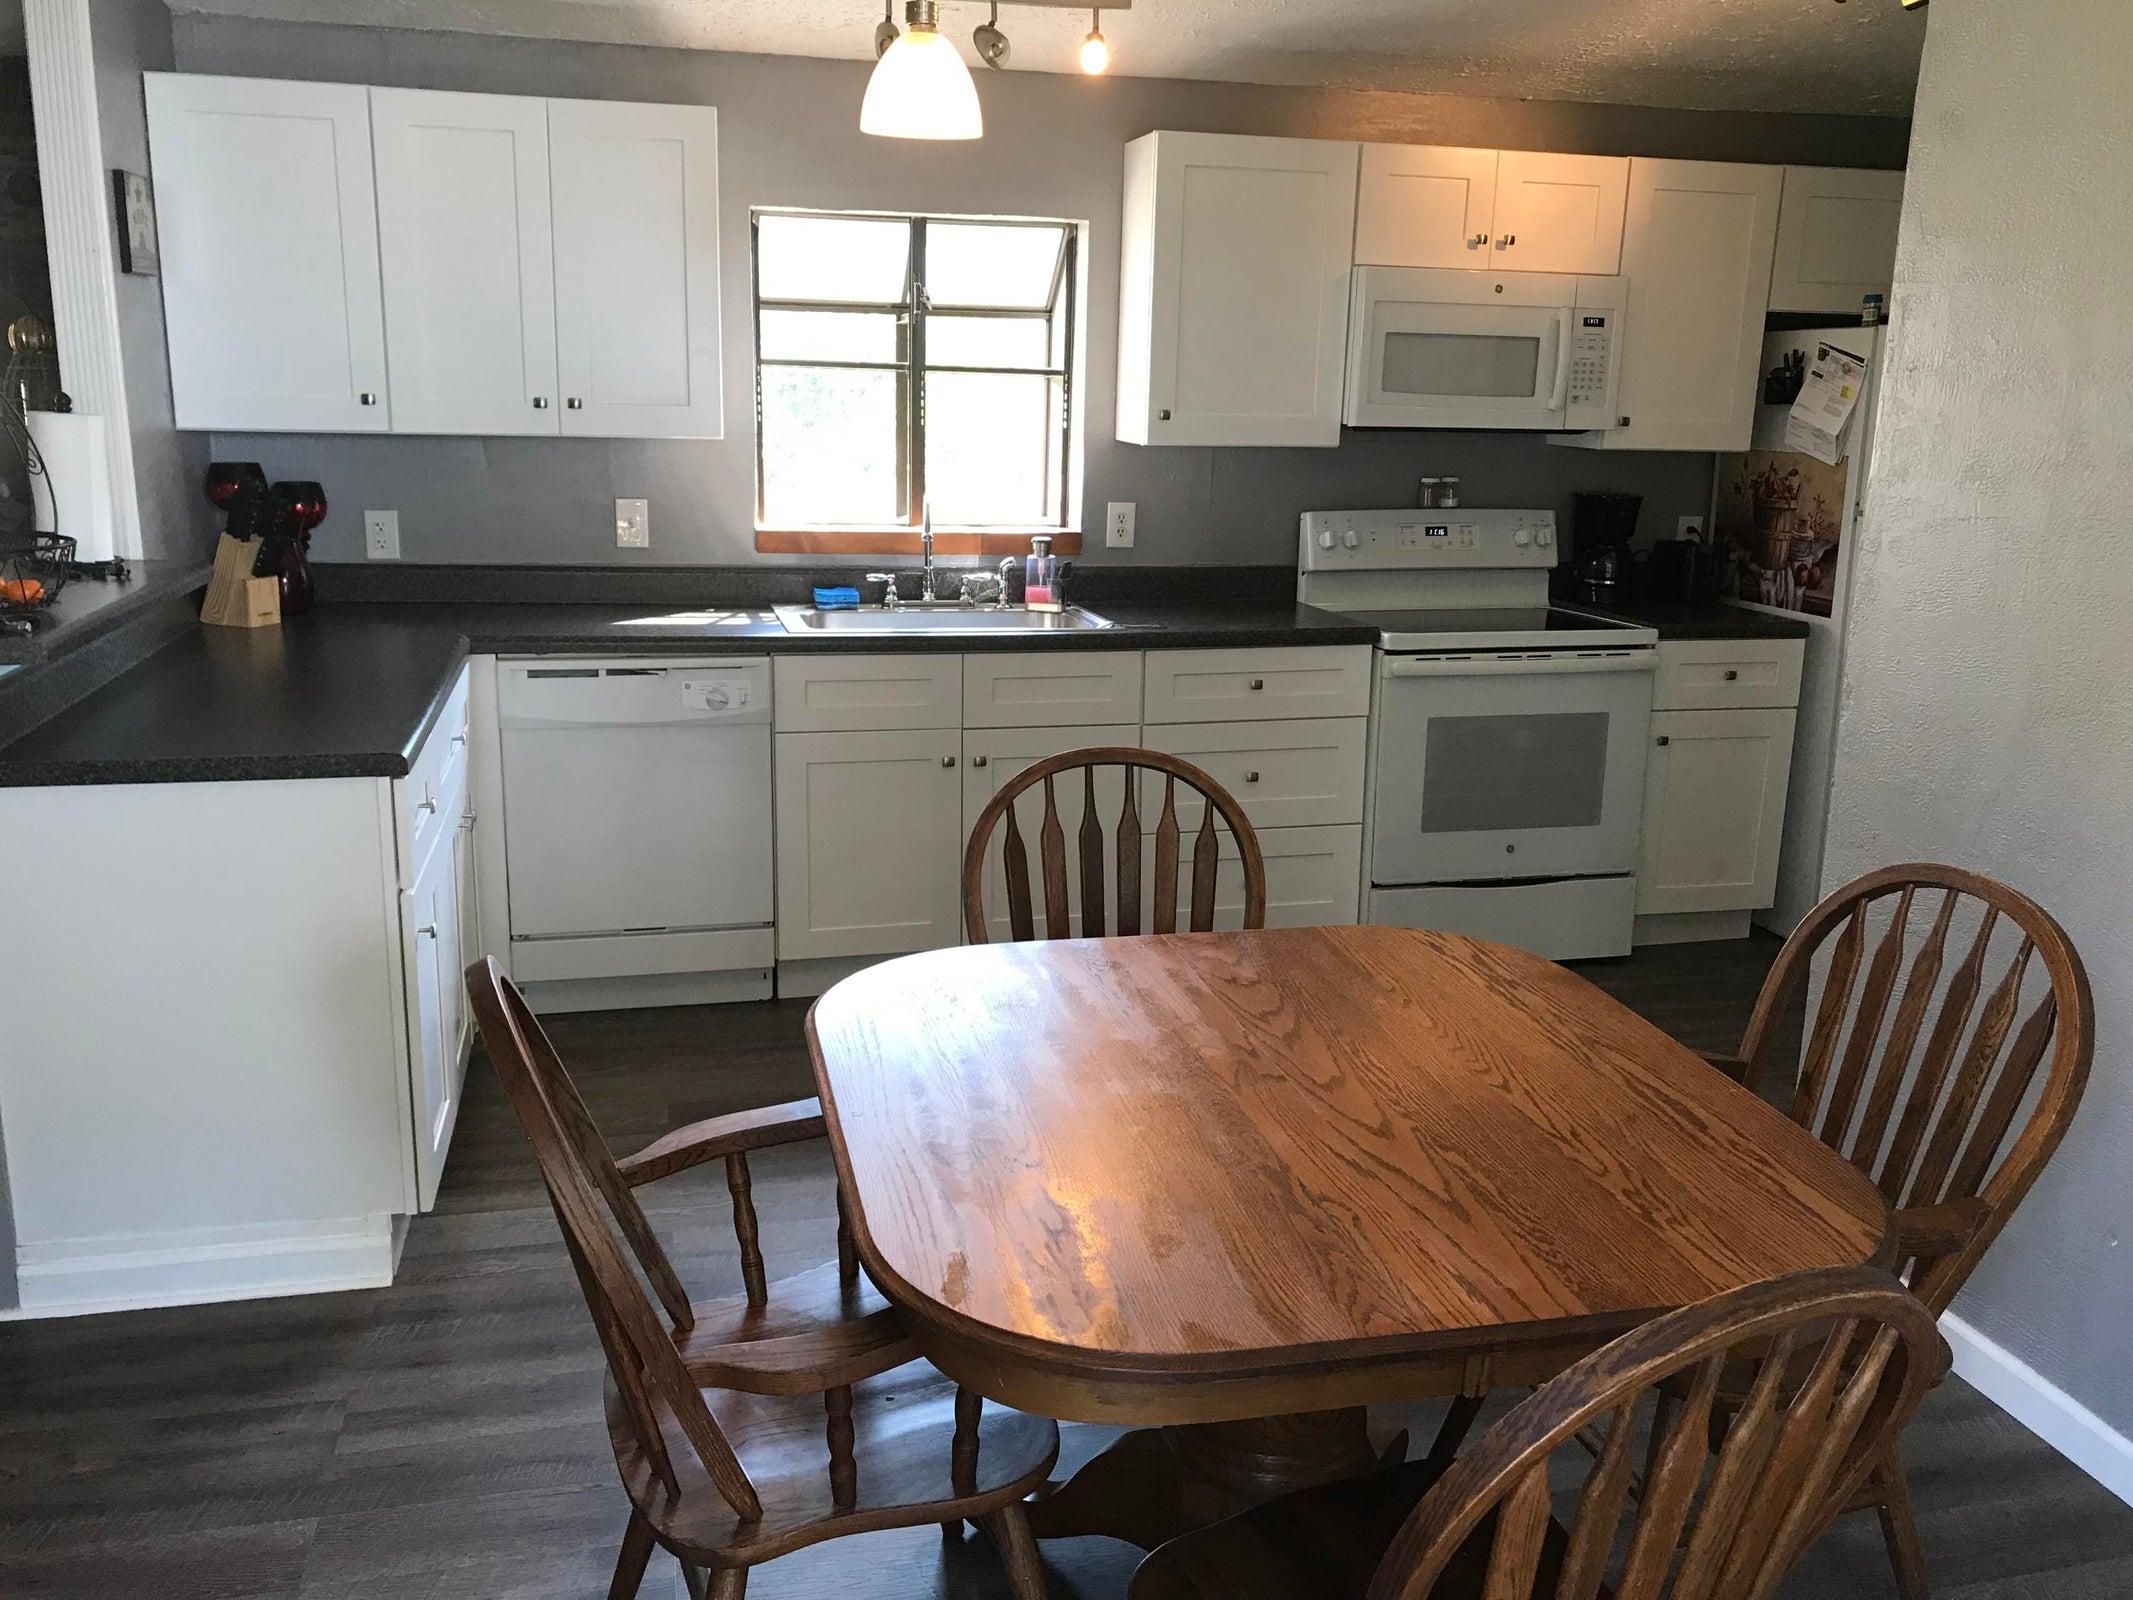 806 Old McGinley kitchen